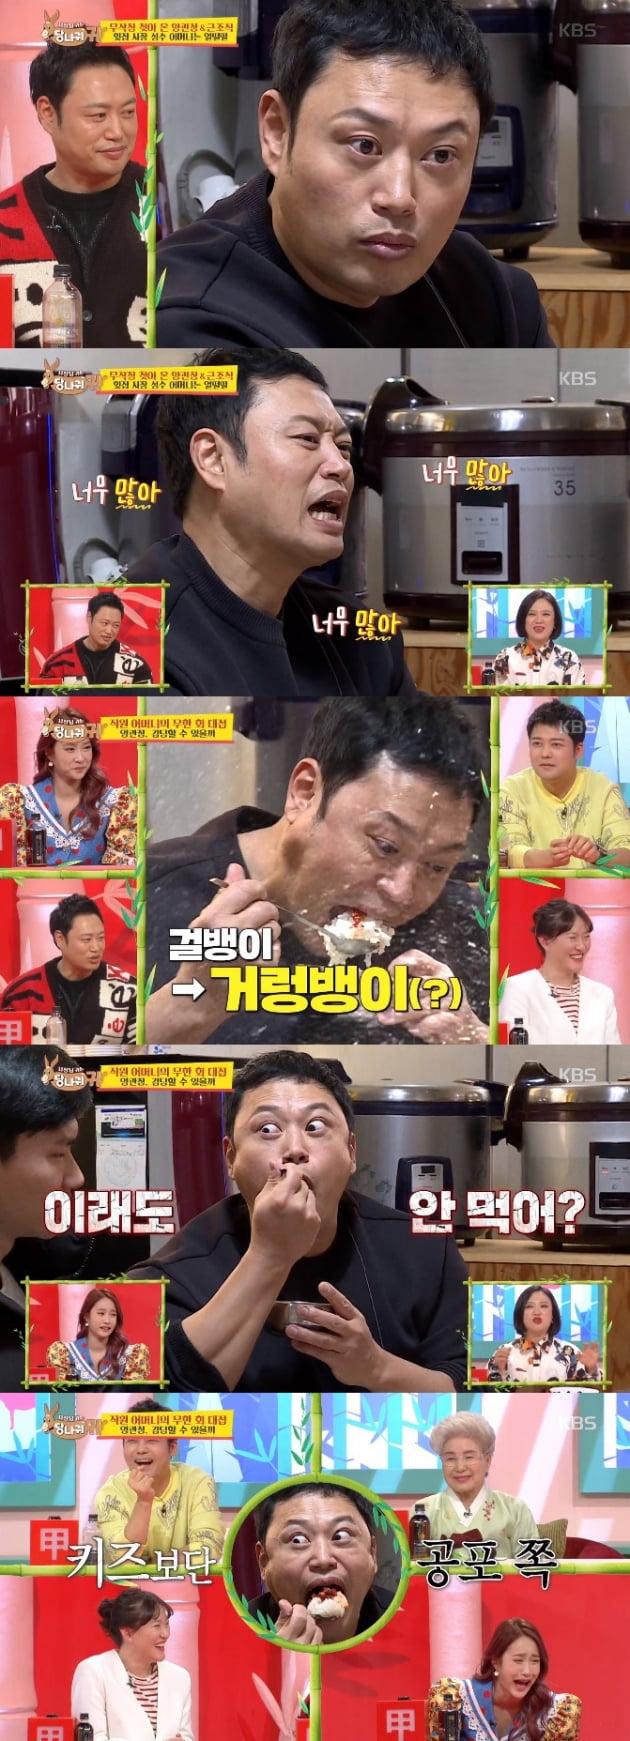 '사장님 귀는 당나귀 귀' 양치승 관장 / 사진 = KBS 영상 캡처